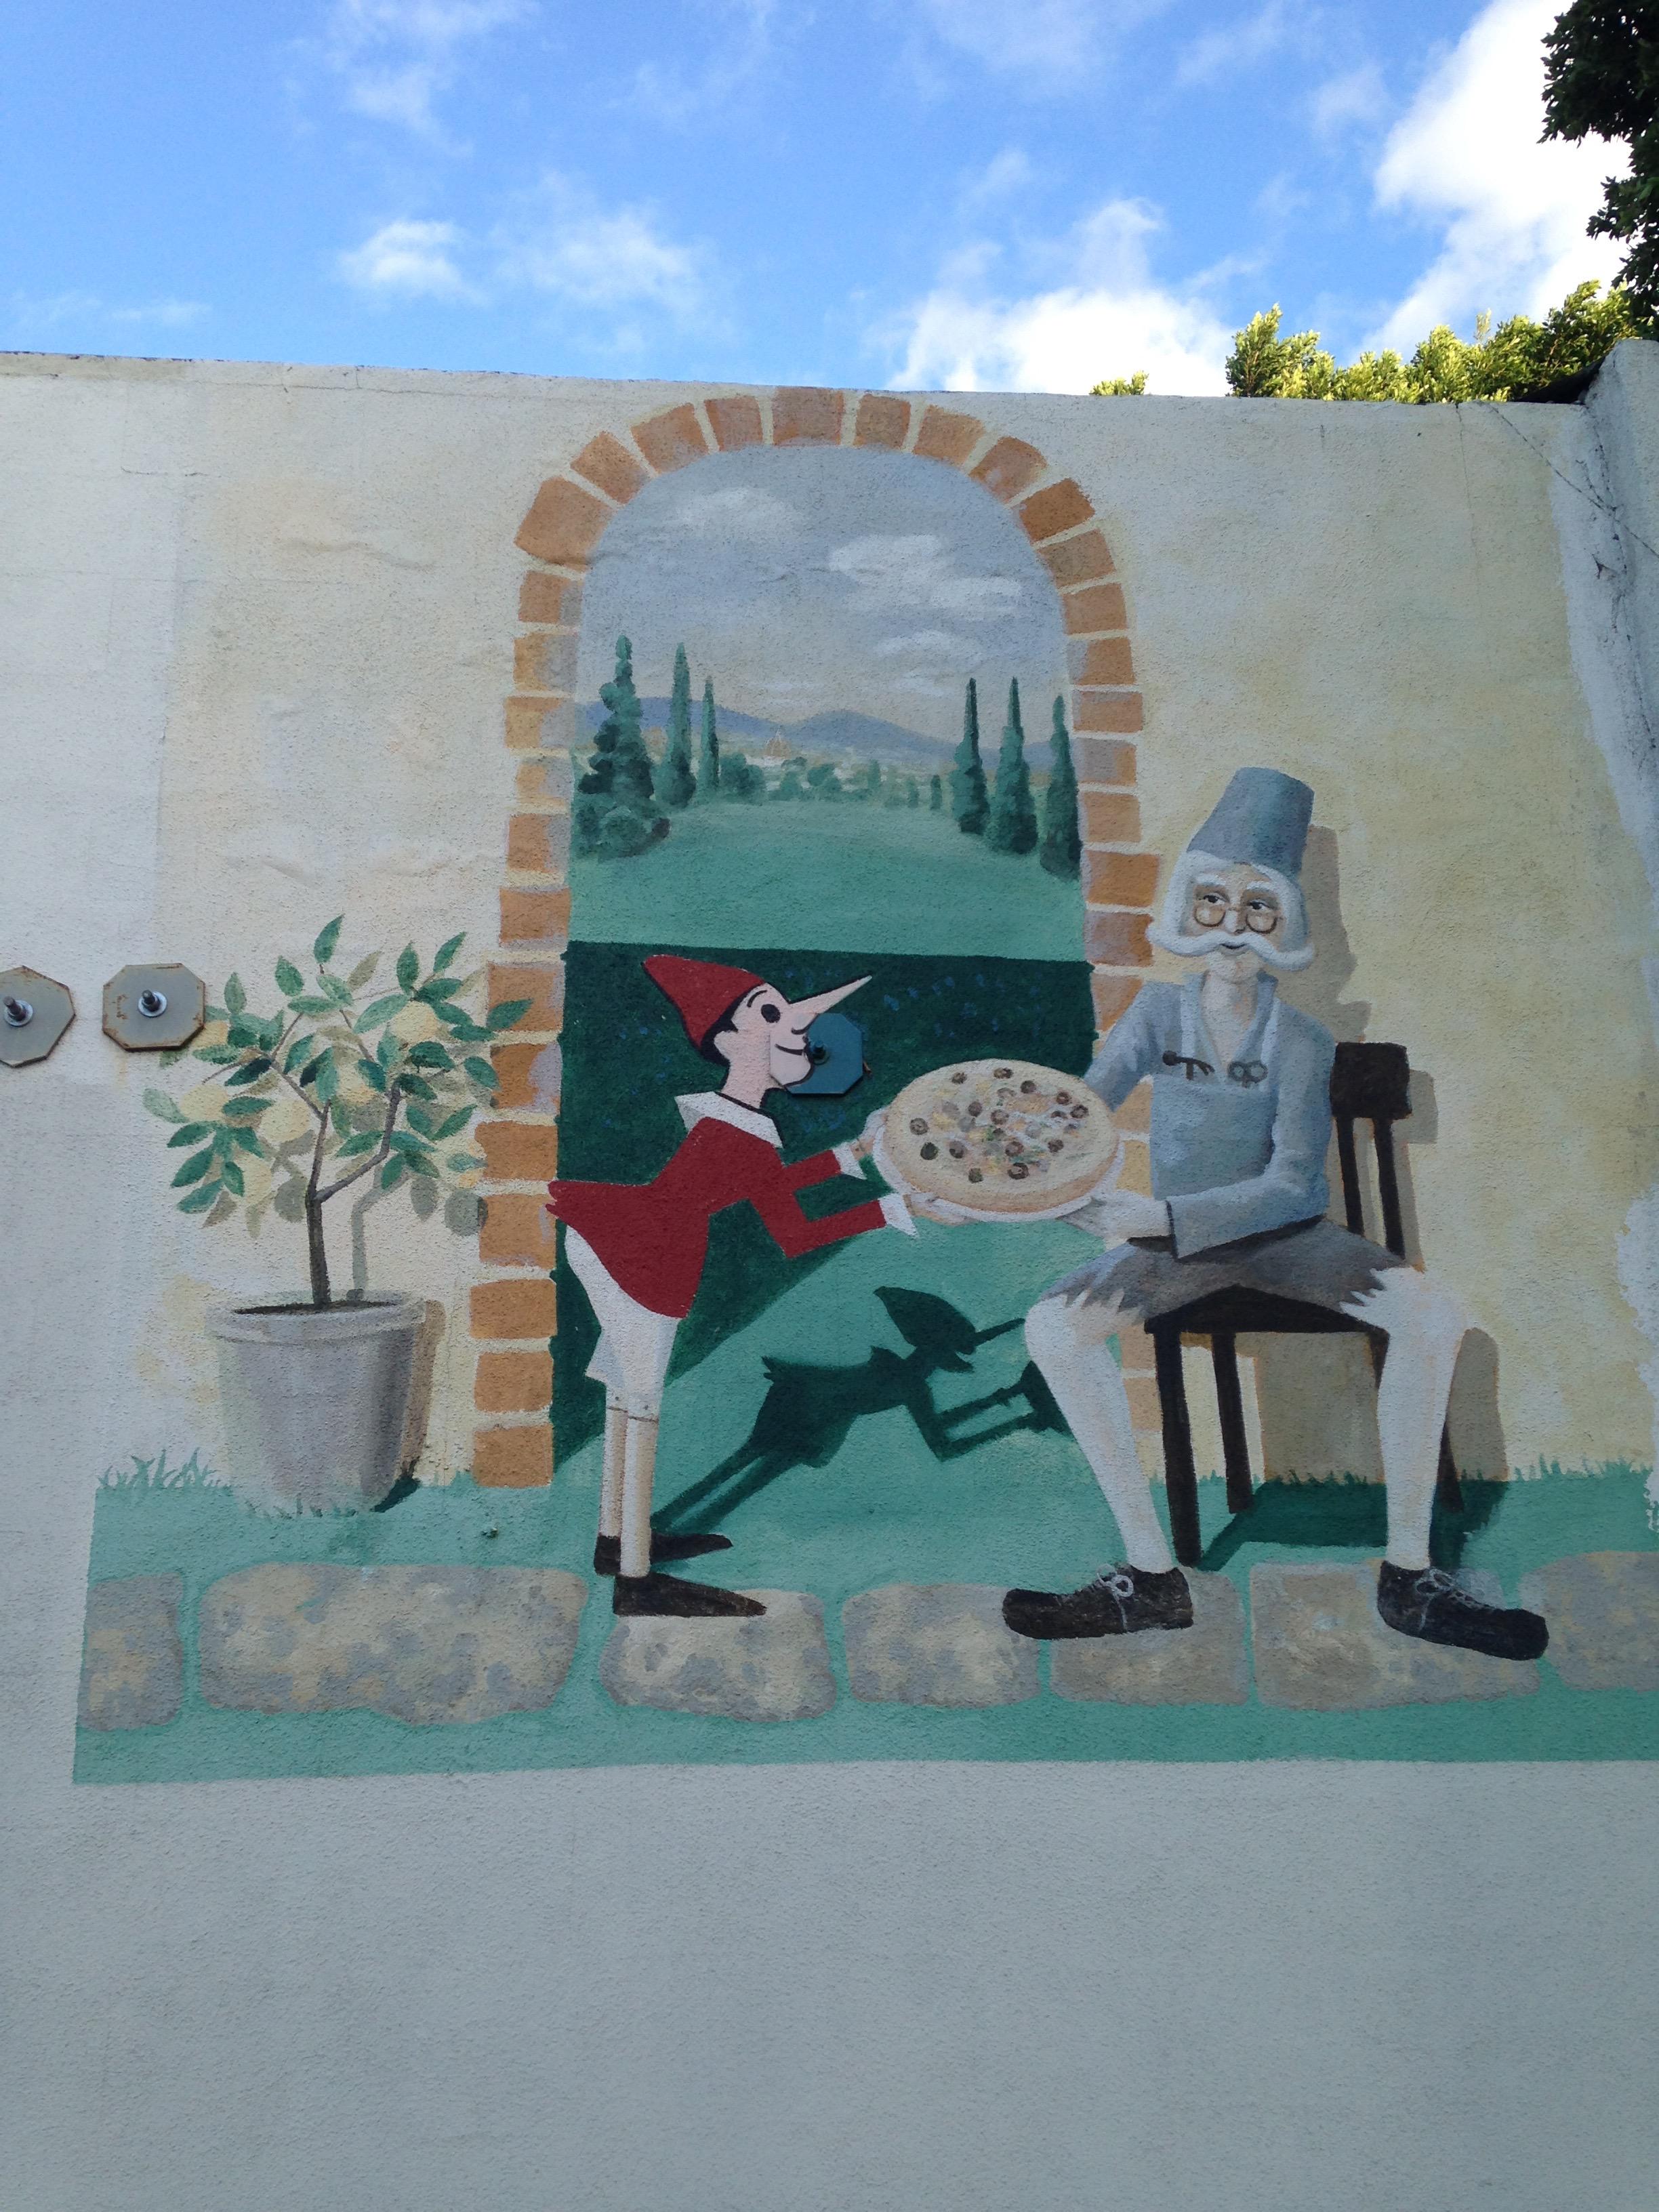 Monte Carlo Pinocchio Restaurant   California Curiosities